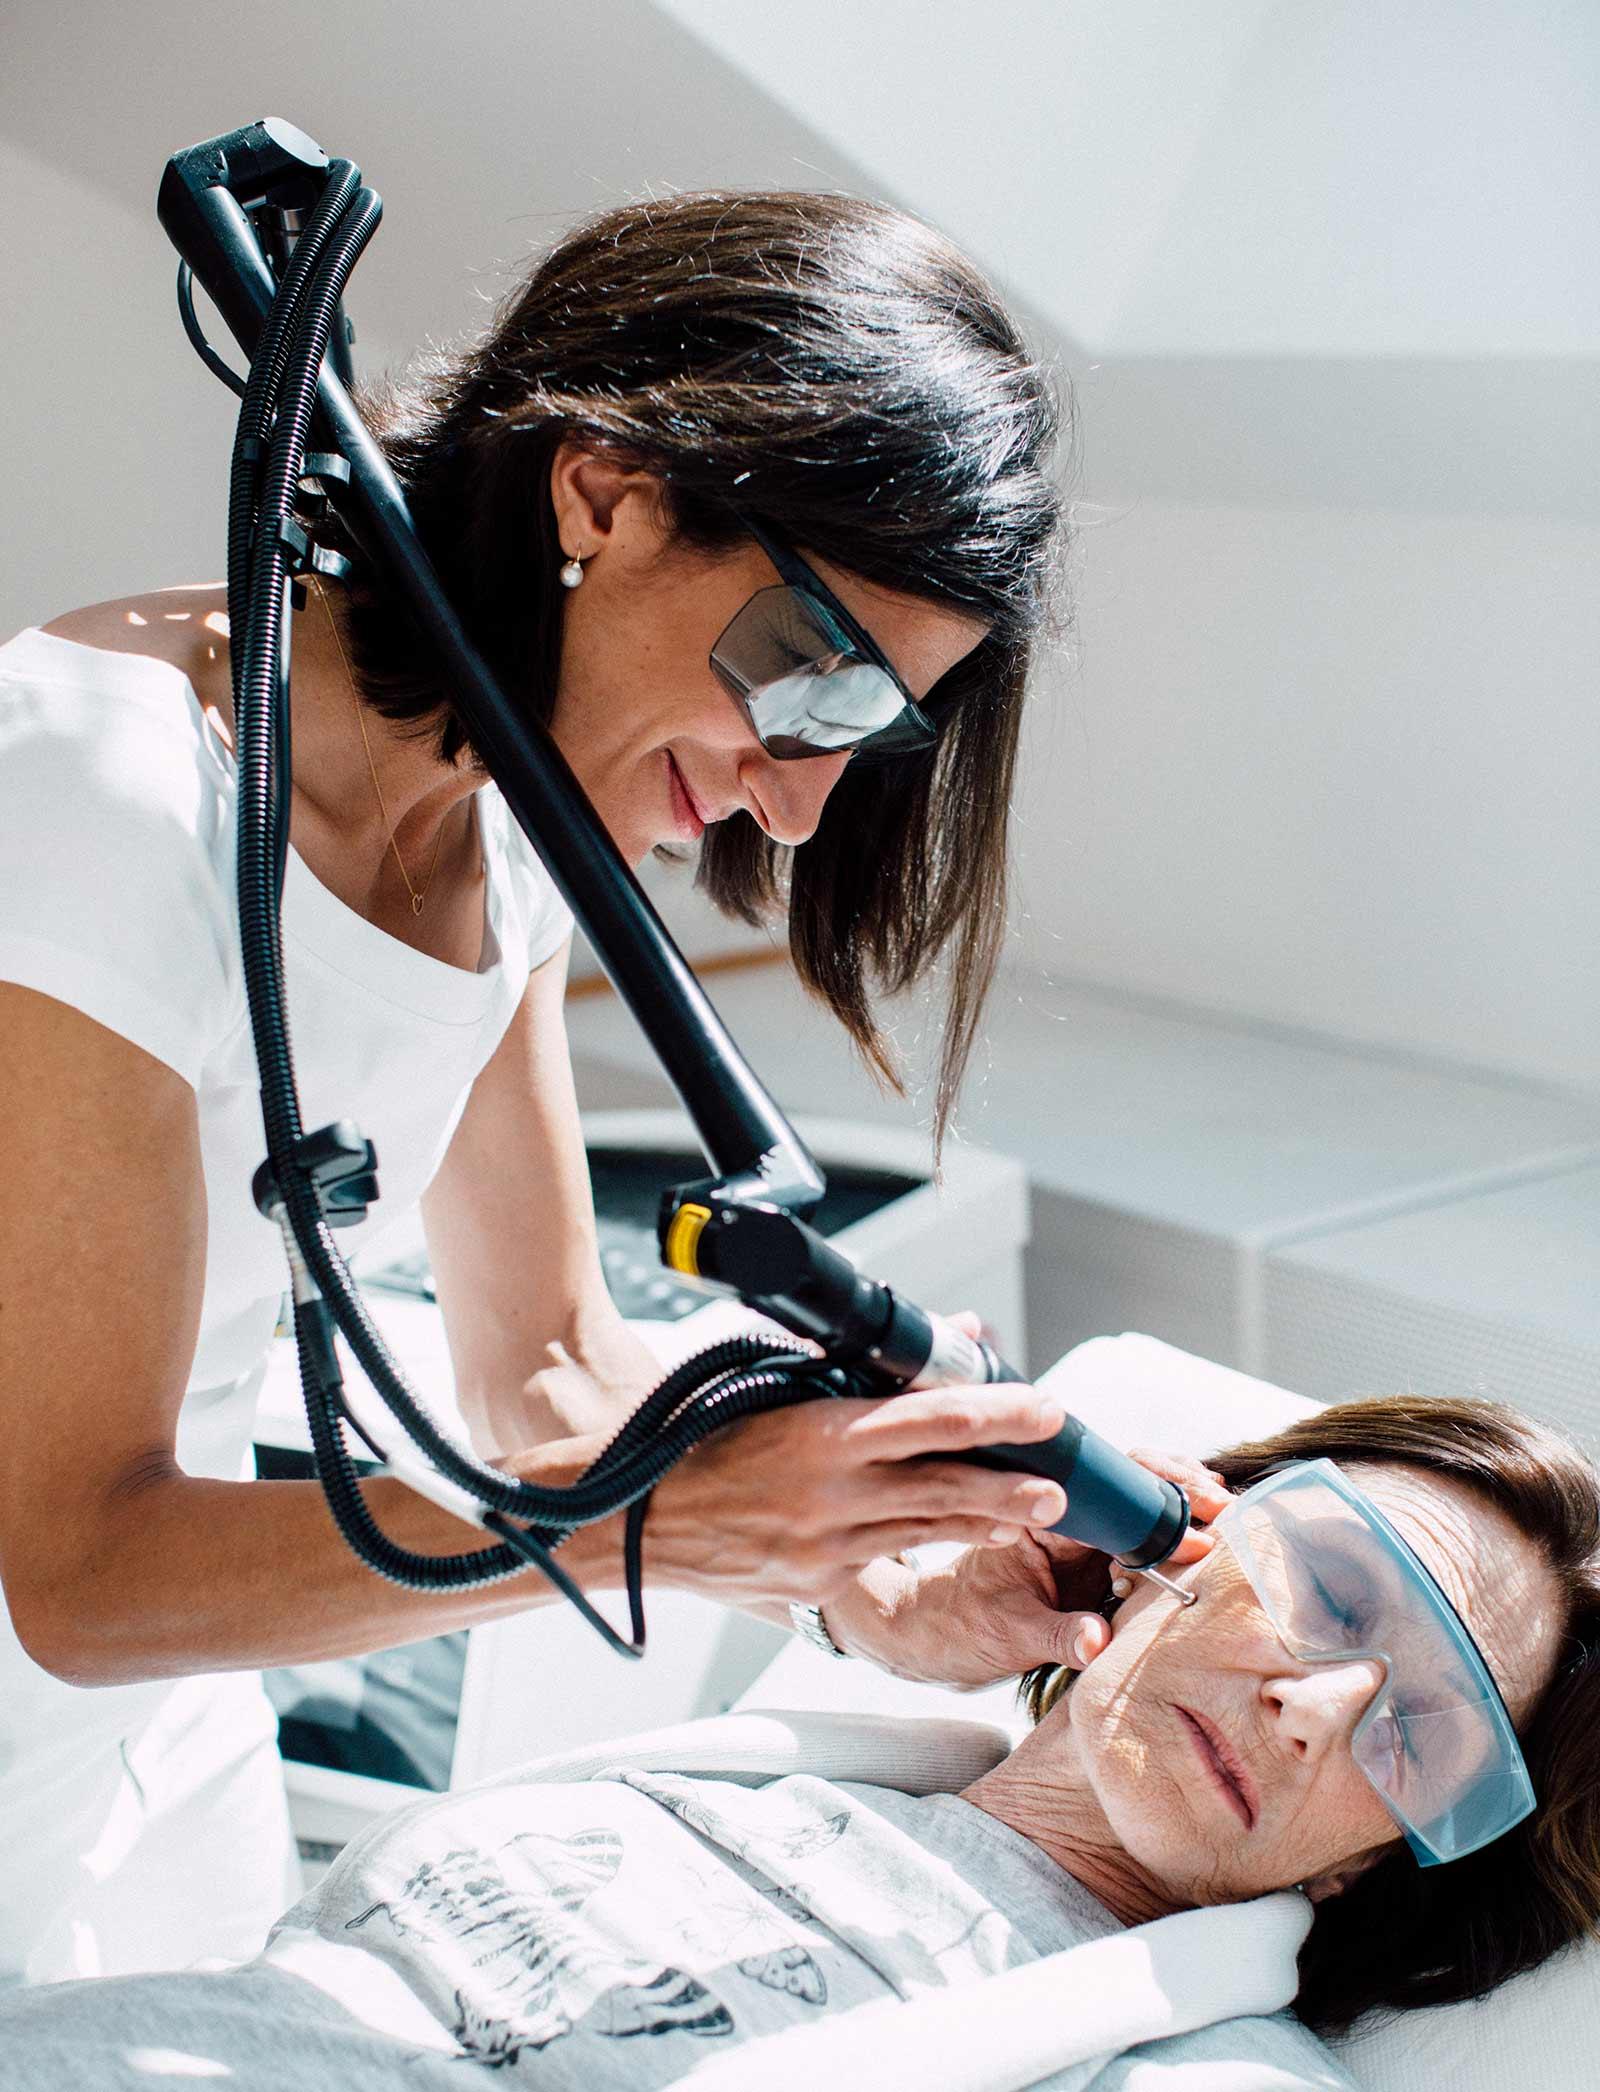 Lasertherapie zur ästetischen Behandlung